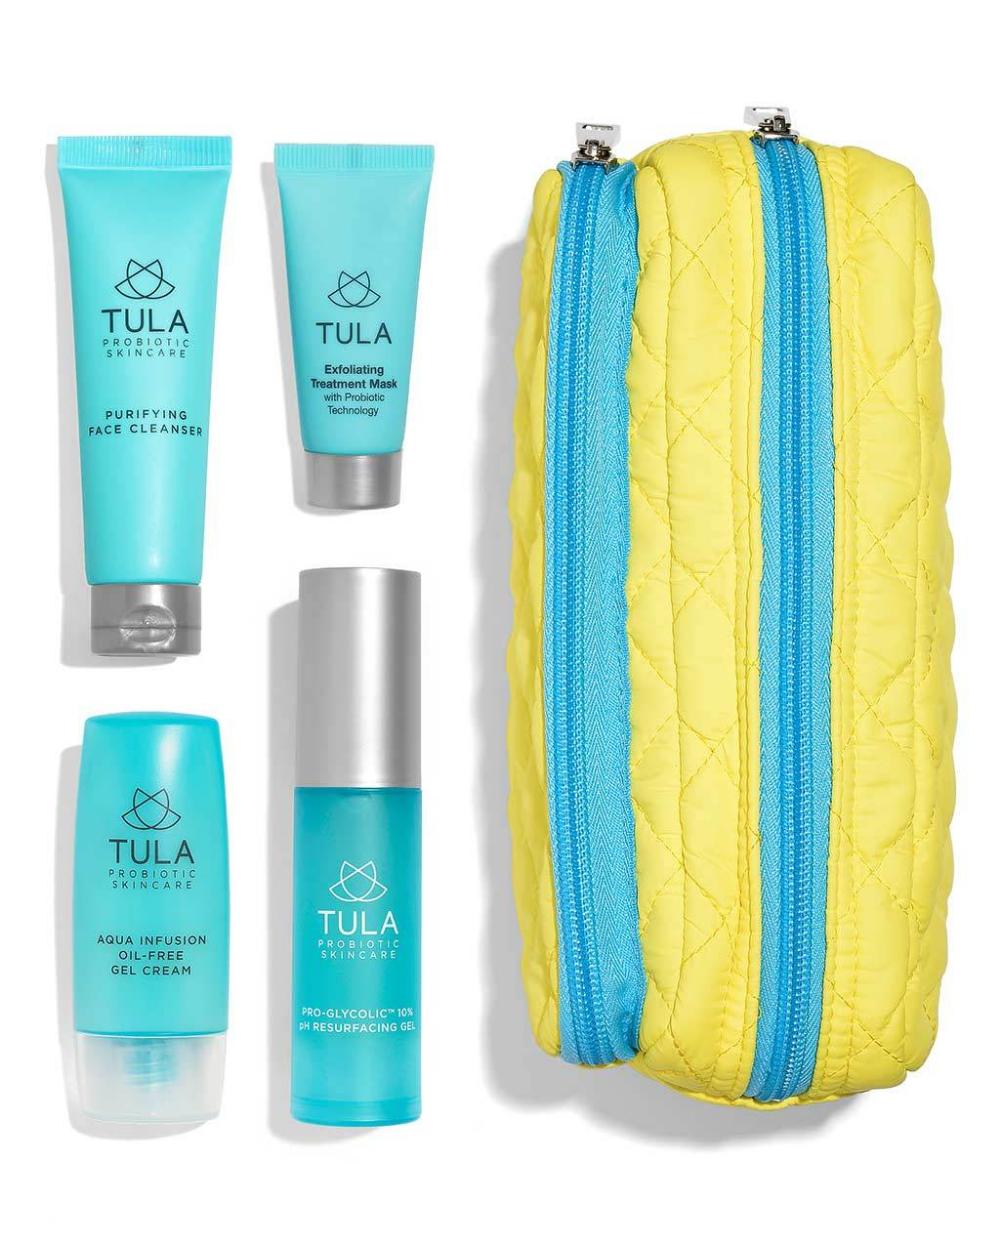 Aqua Infusion Oil Free Gel Cream Face Moisturizer Tula Skincare Tula Skincare Clear Complexion How To Grow Eyebrows